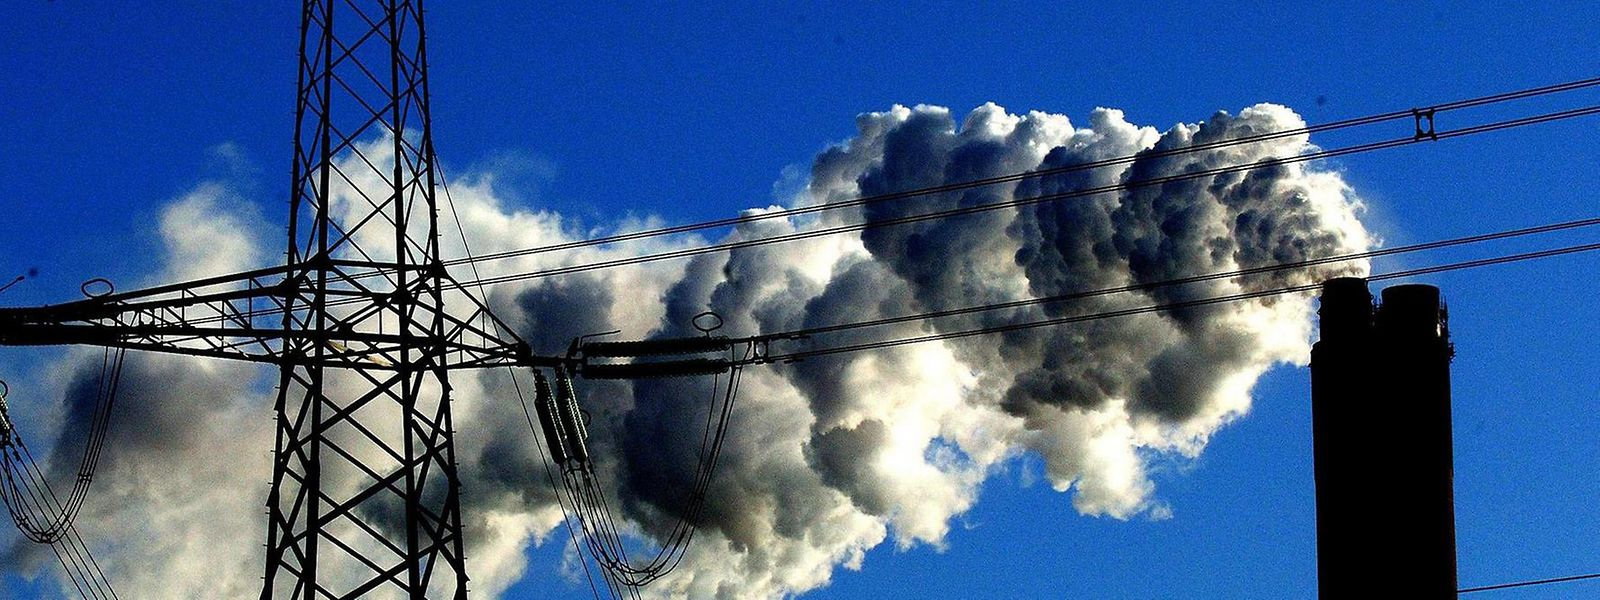 Einen deutlich höheren Ausstoß an CO2 als der Flugverkehr hat die Strom- und Industrieproduktion. Hier müssen noch gewaltige Aufgaben bewältigt werden.